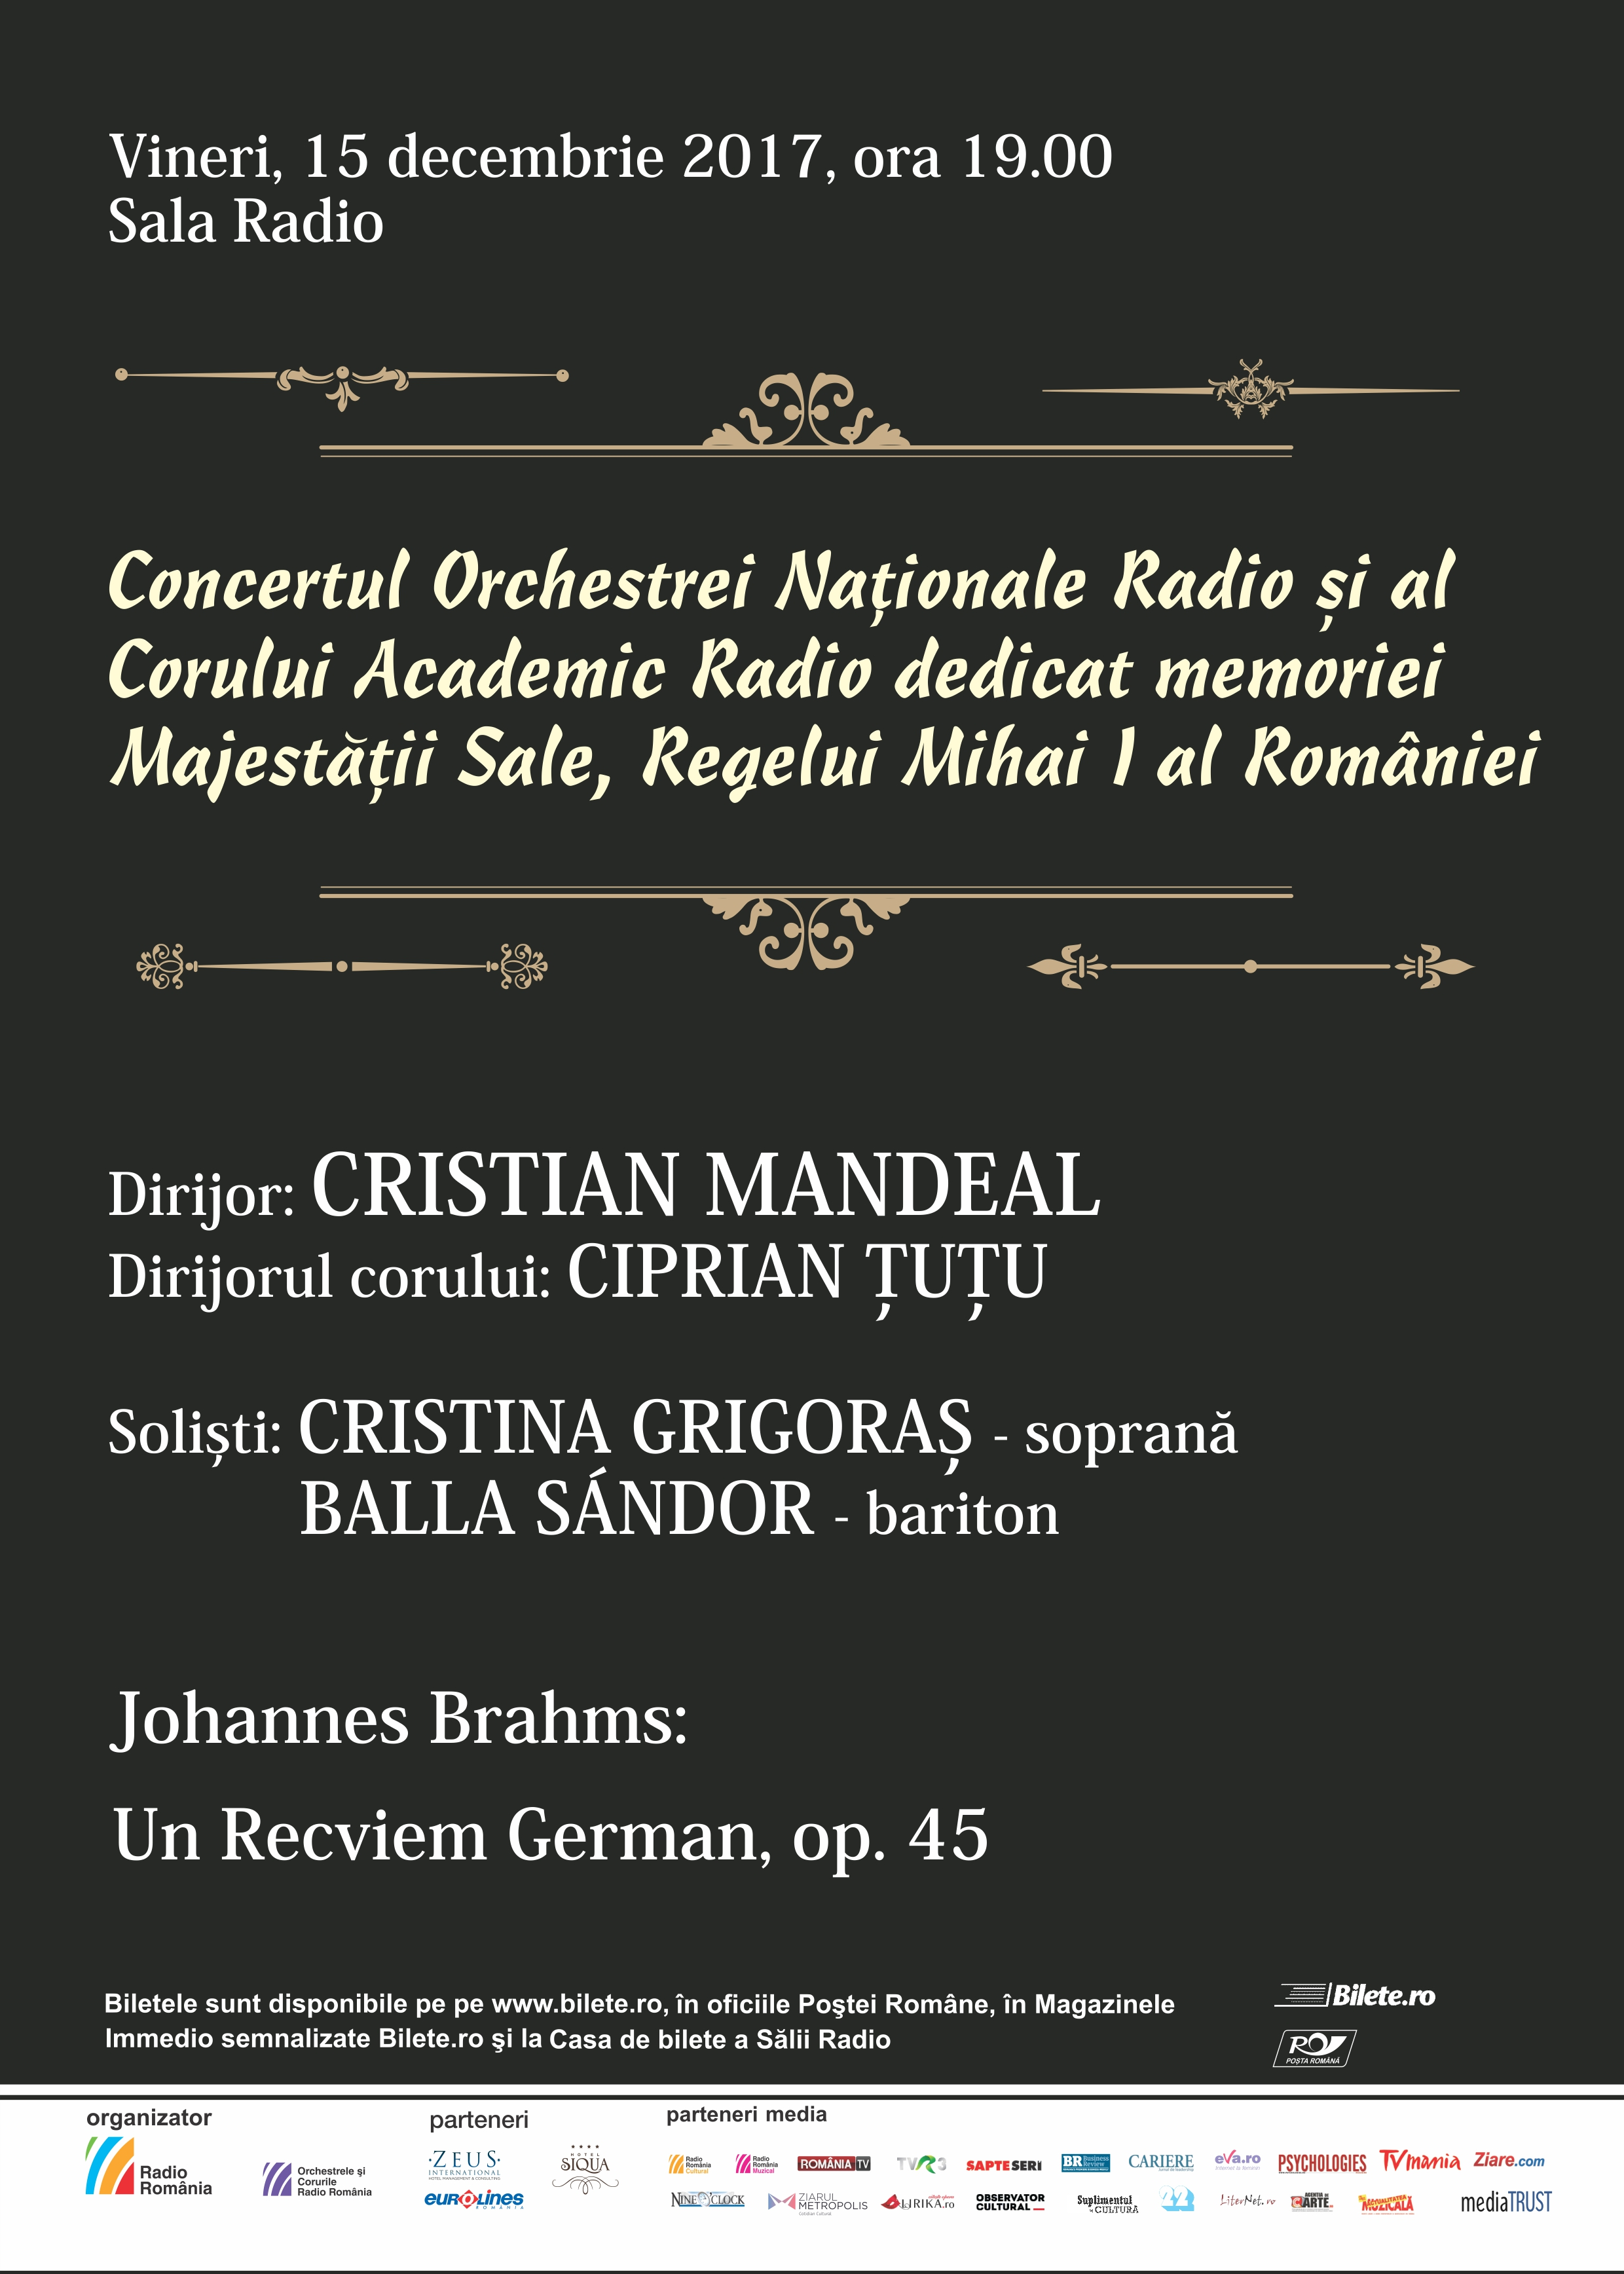 CRISTIAN MANDEAL – Concertul Orchestrei Nationale Radio şi al Corului Academic Radio dedicat memoriei Majestății Sale, Regelui Mihai I al României